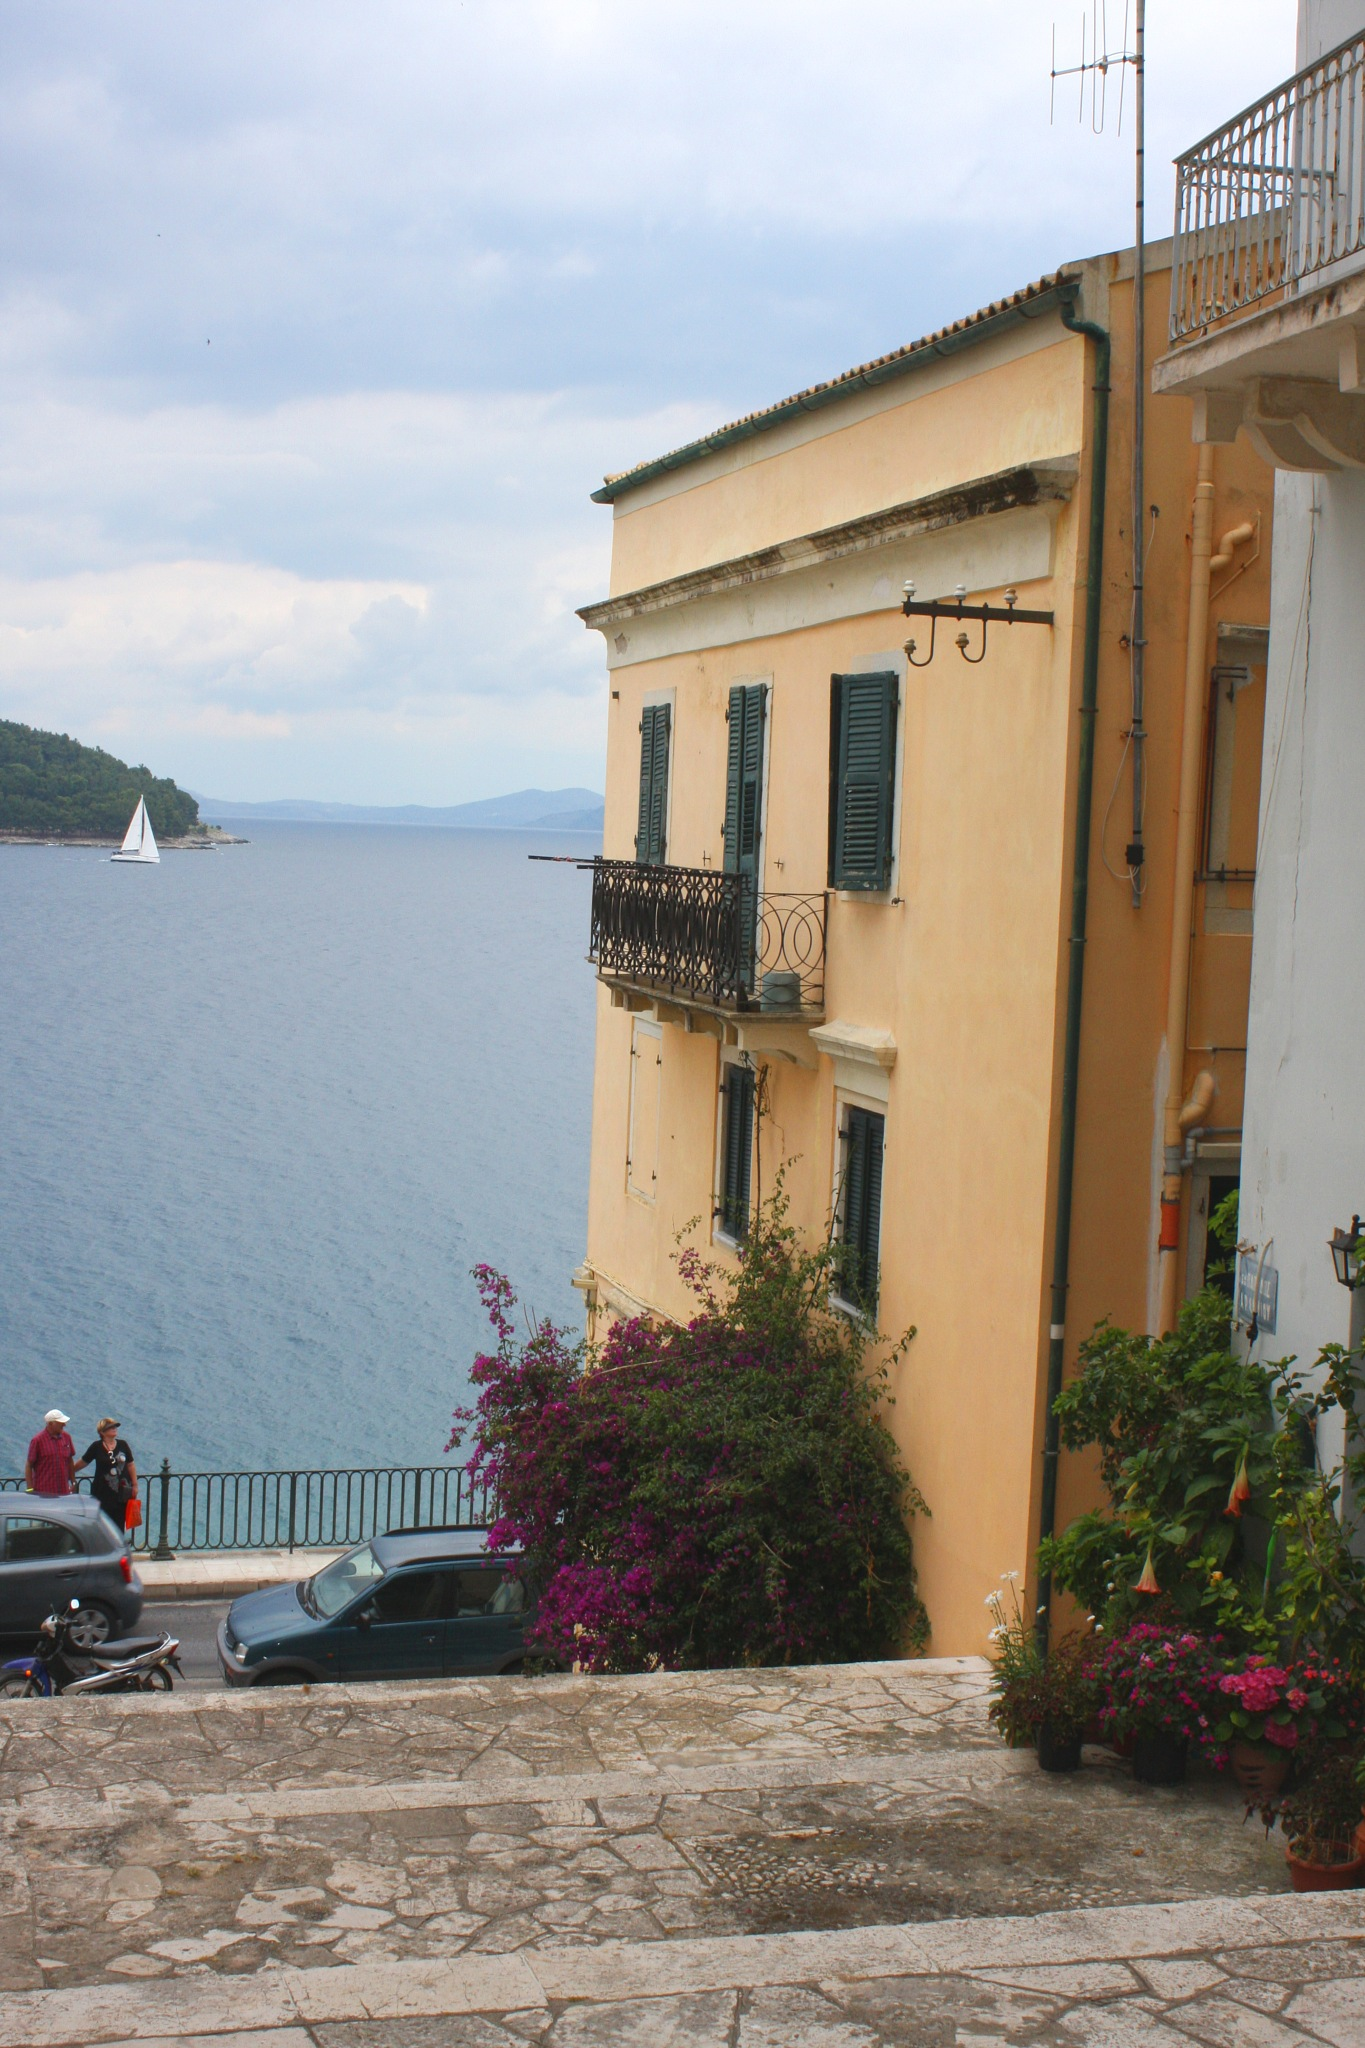 Corfu Town by Ddolfelin